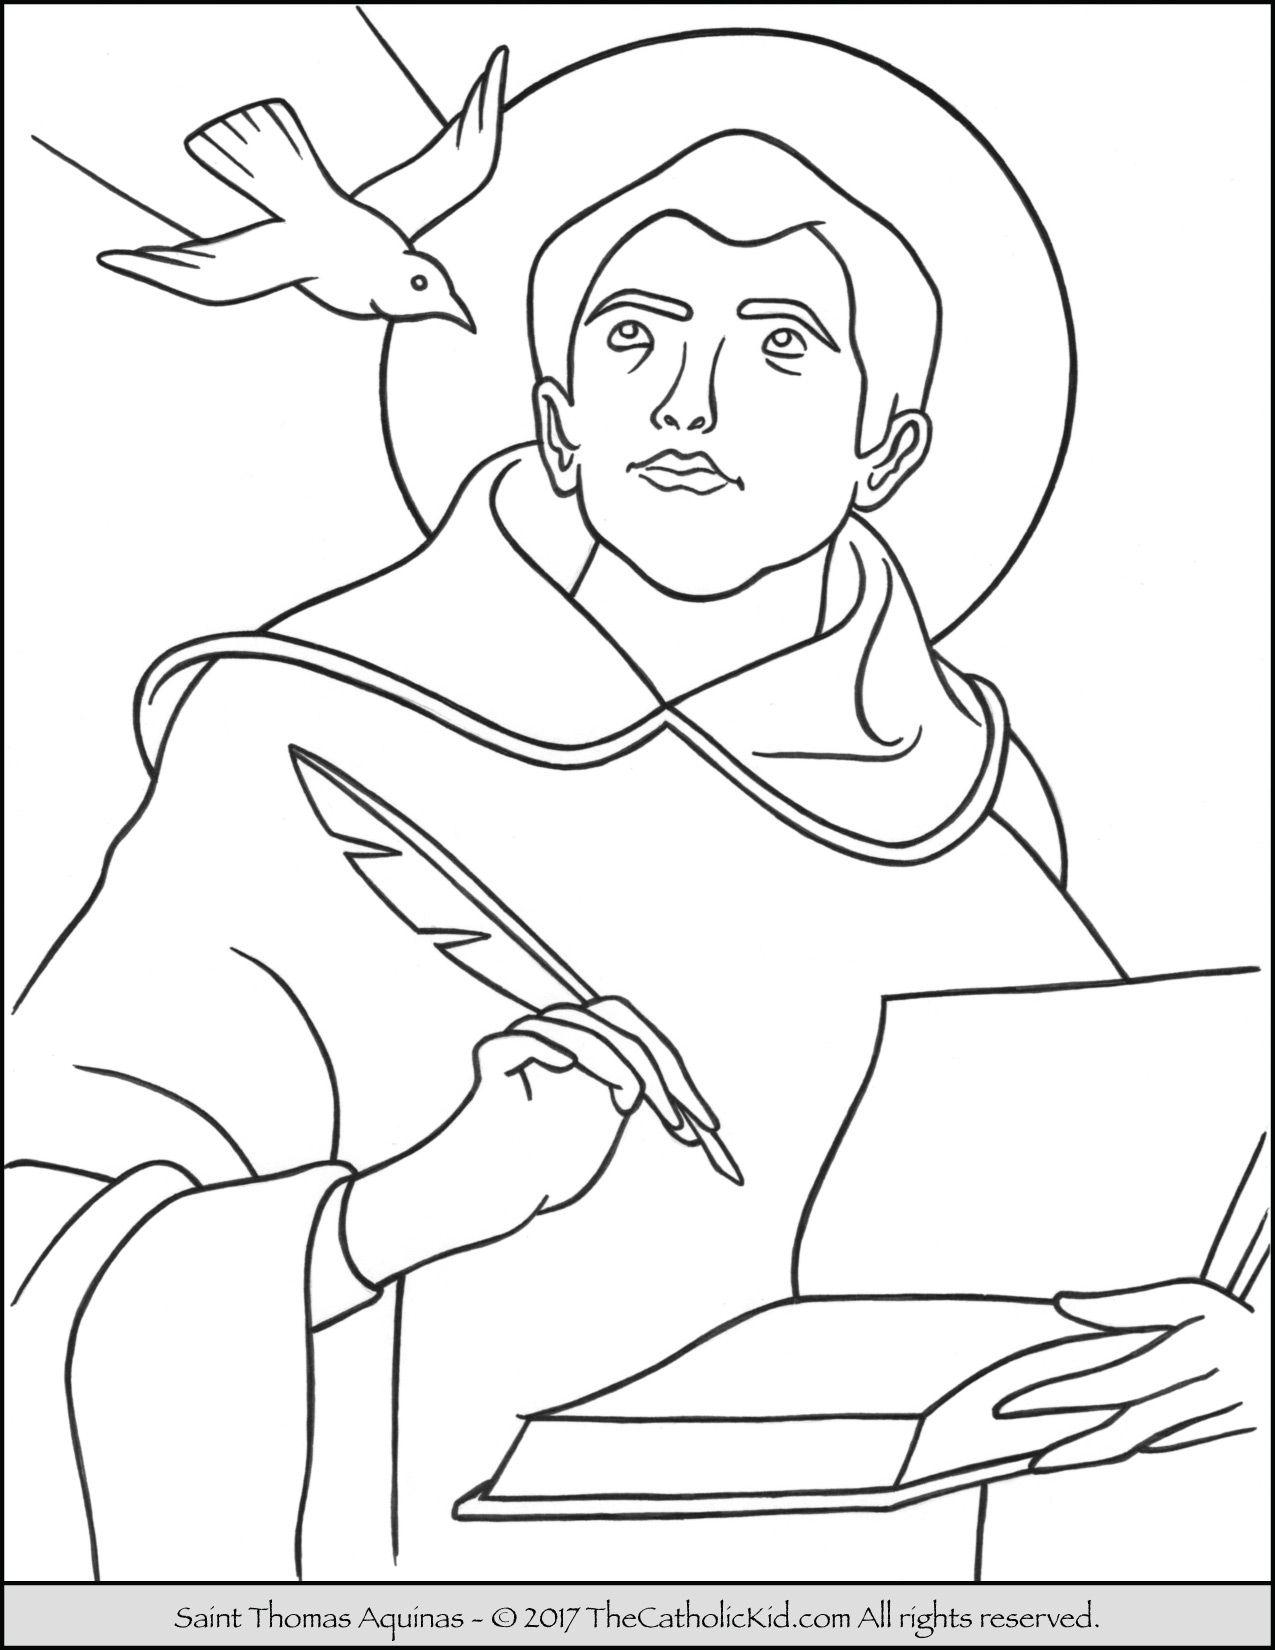 Pin By Thecatholickid On Catholic Saints